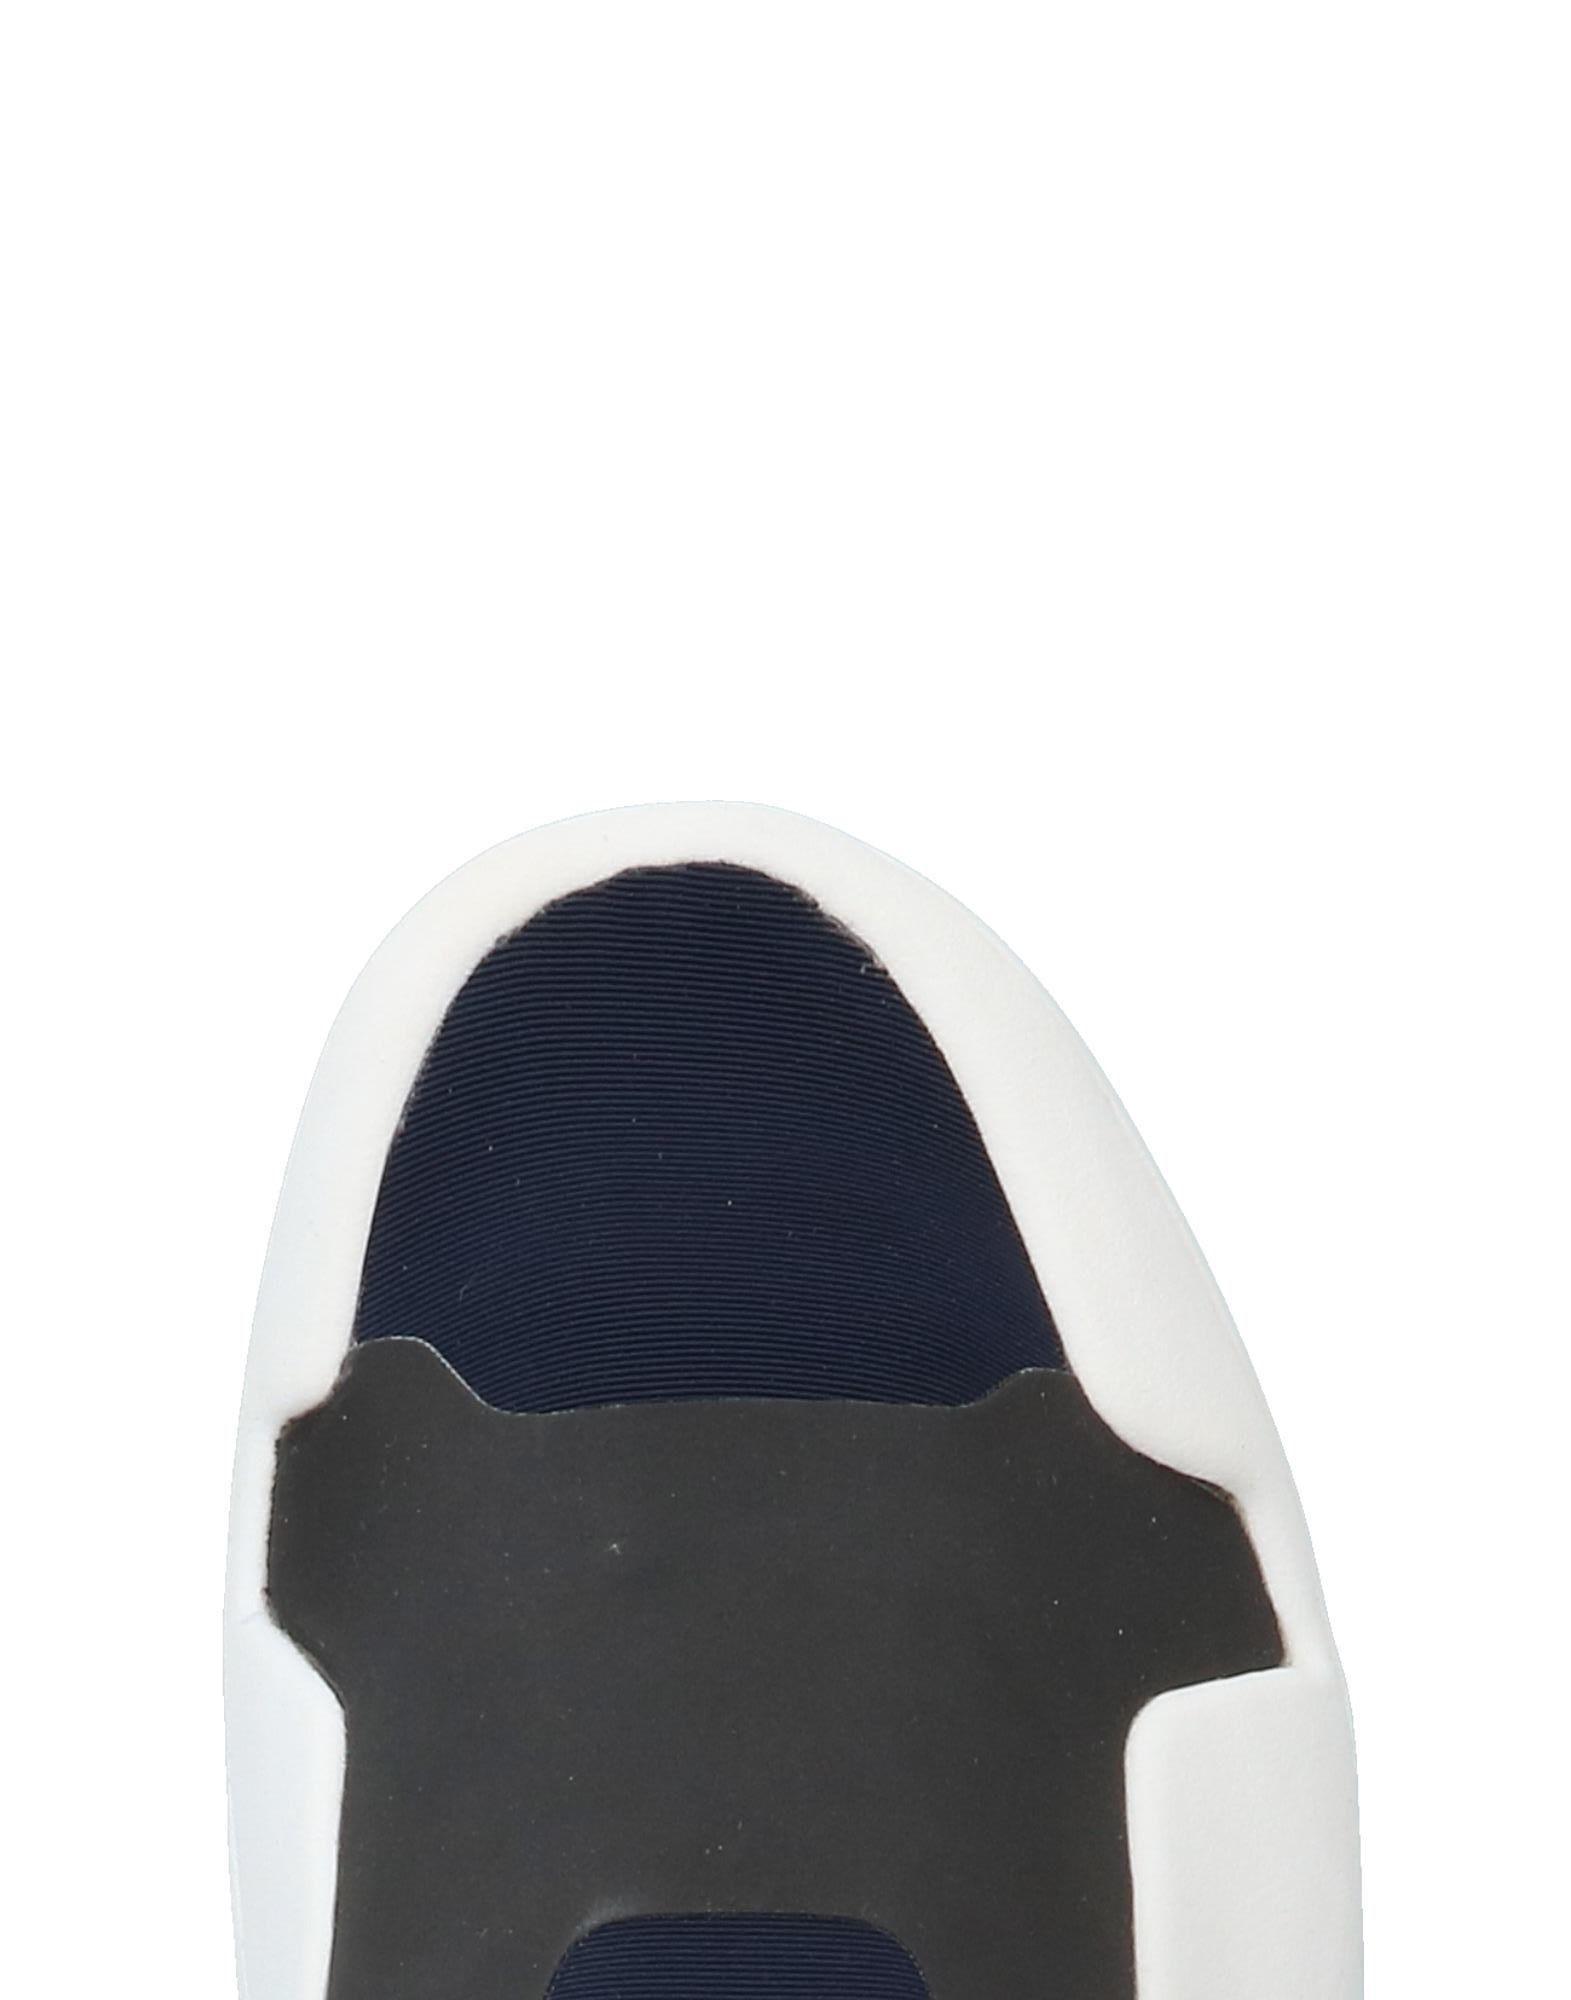 Y-3 Leather Low-tops & Sneakers in Dark Blue (Blue)